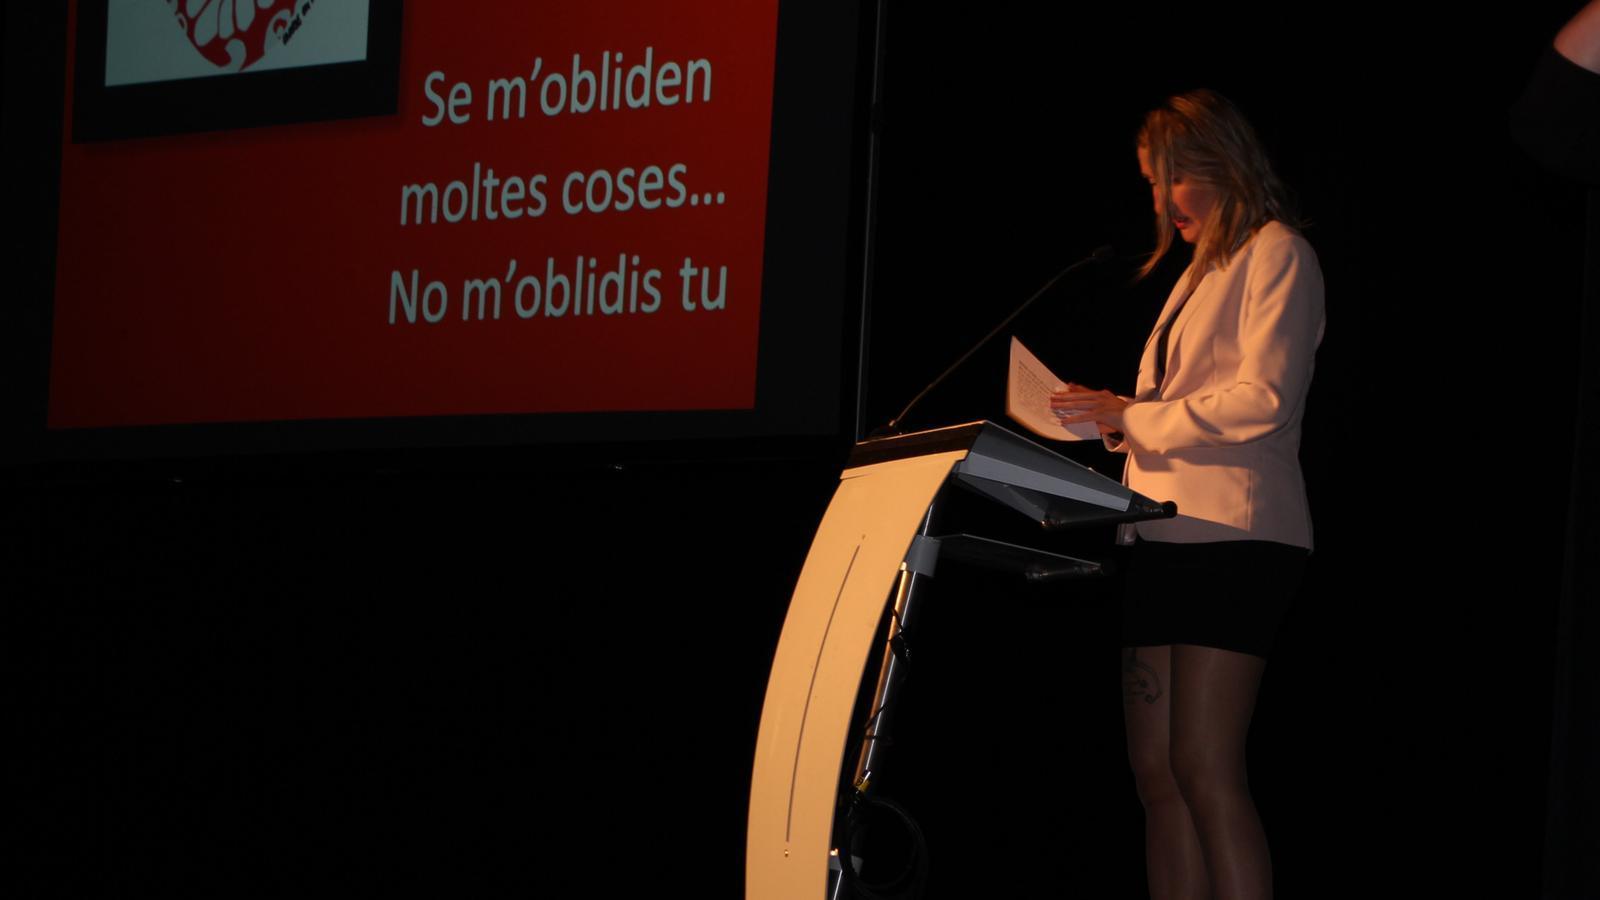 Montserrat Valls, presidenta de l'associació, durant el discurs. / A. S.